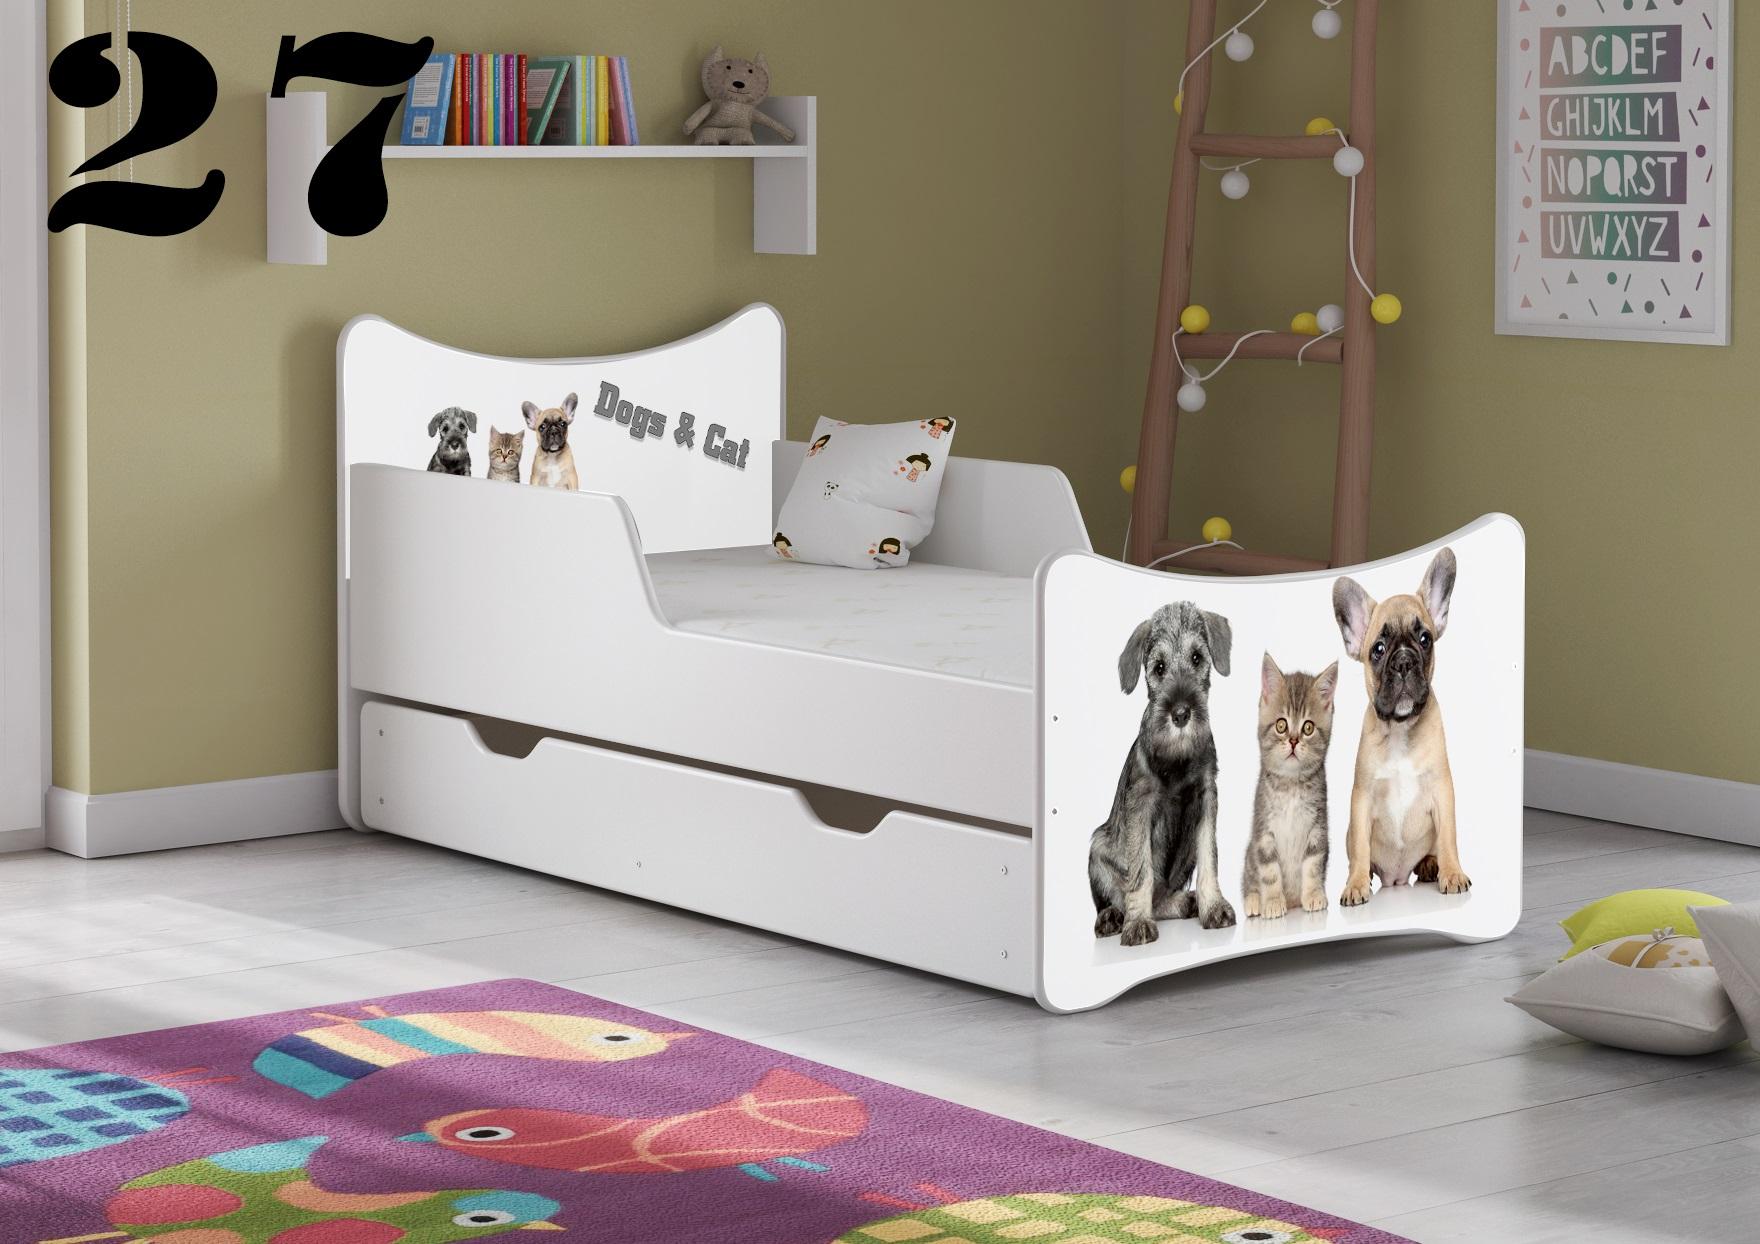 Detská posteľ SMB - zvieratá Prevedenie: Obrázok č.27